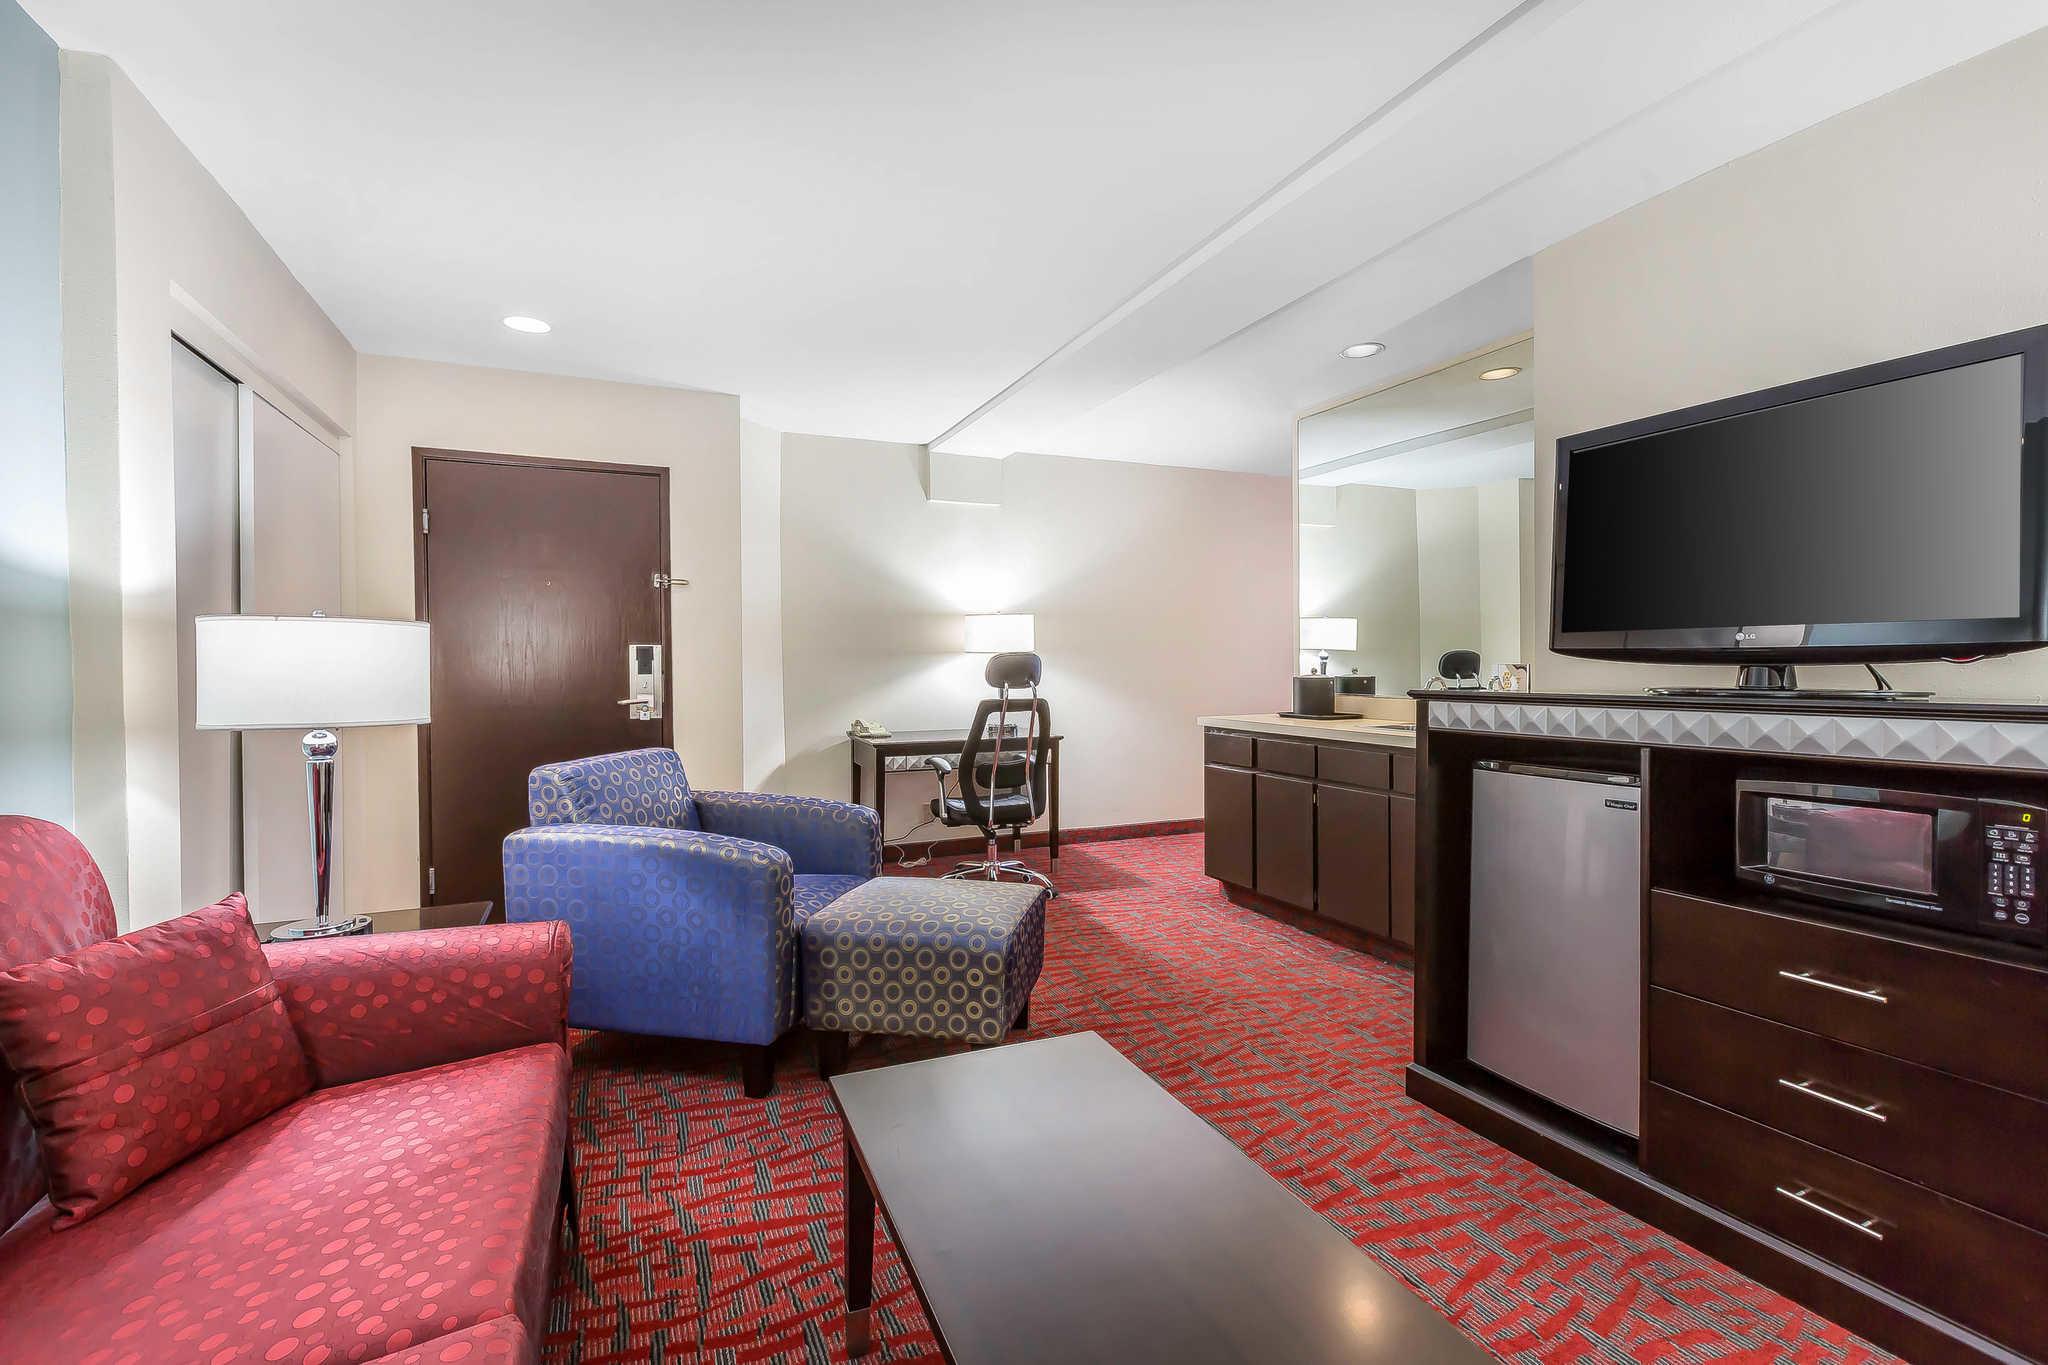 Quality Inn & Suites Irvine Spectrum image 34